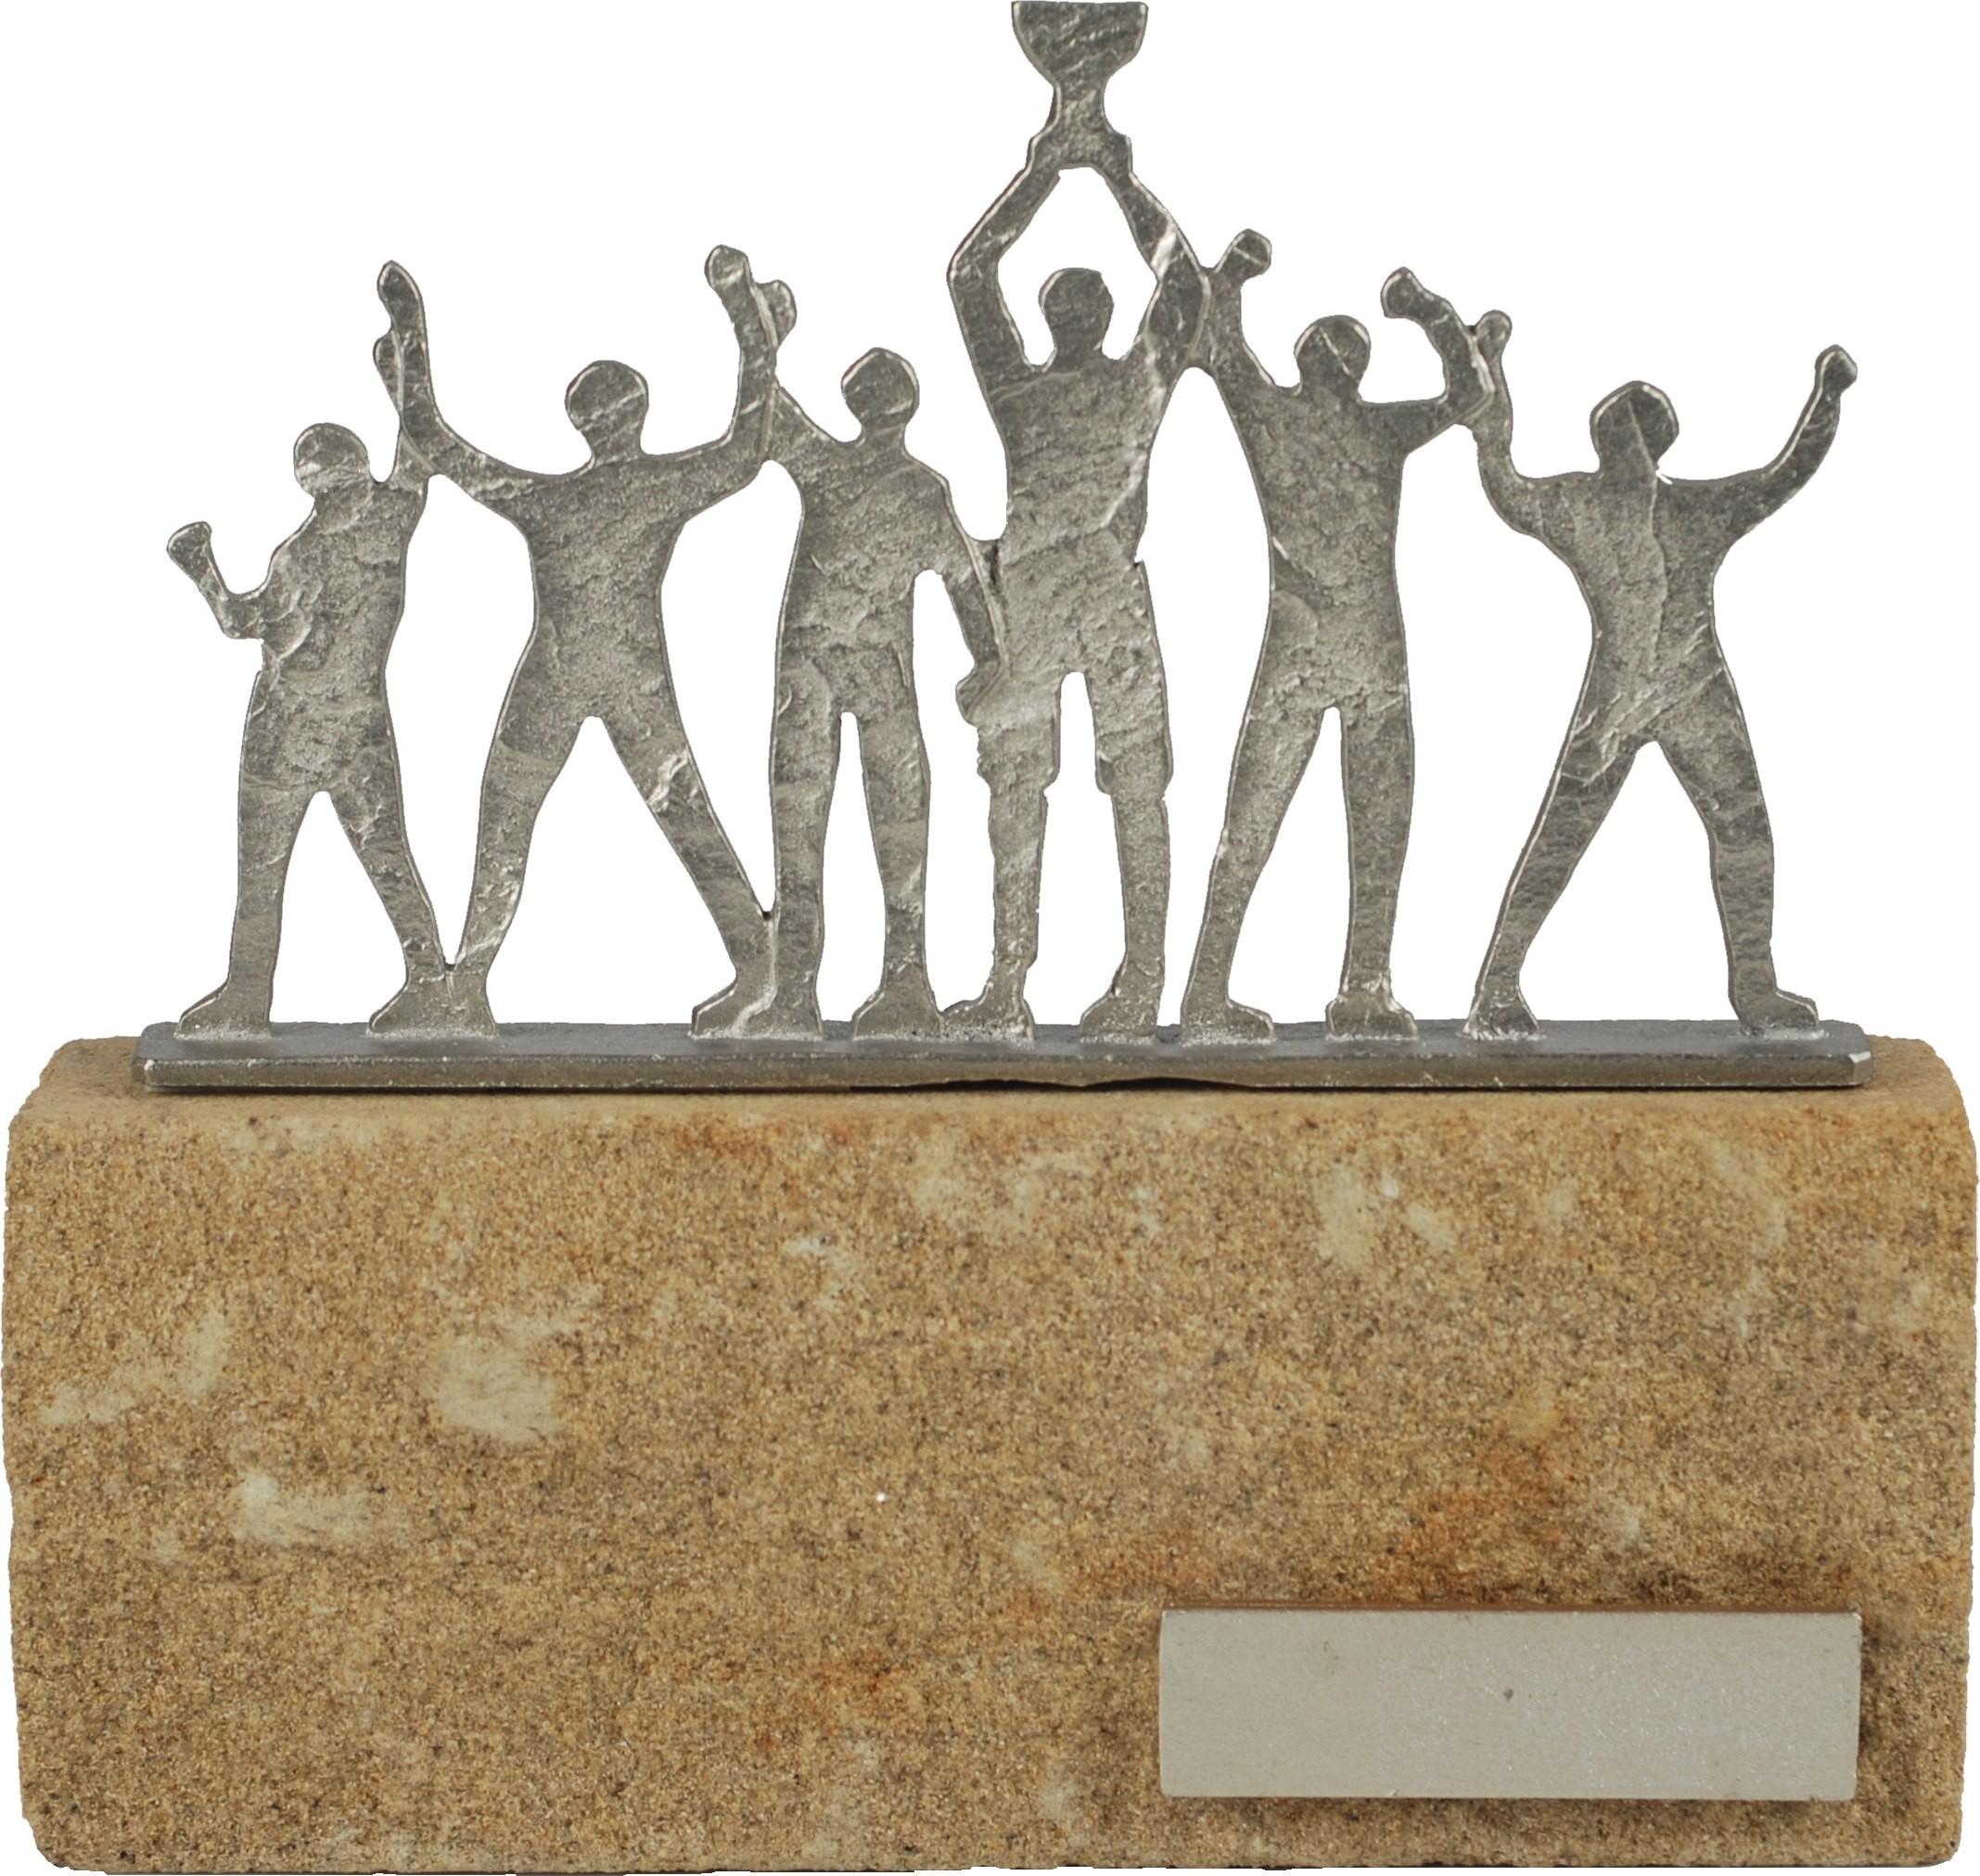 Luxe trofee winnend team / team met trofee 19cm WBEL 609